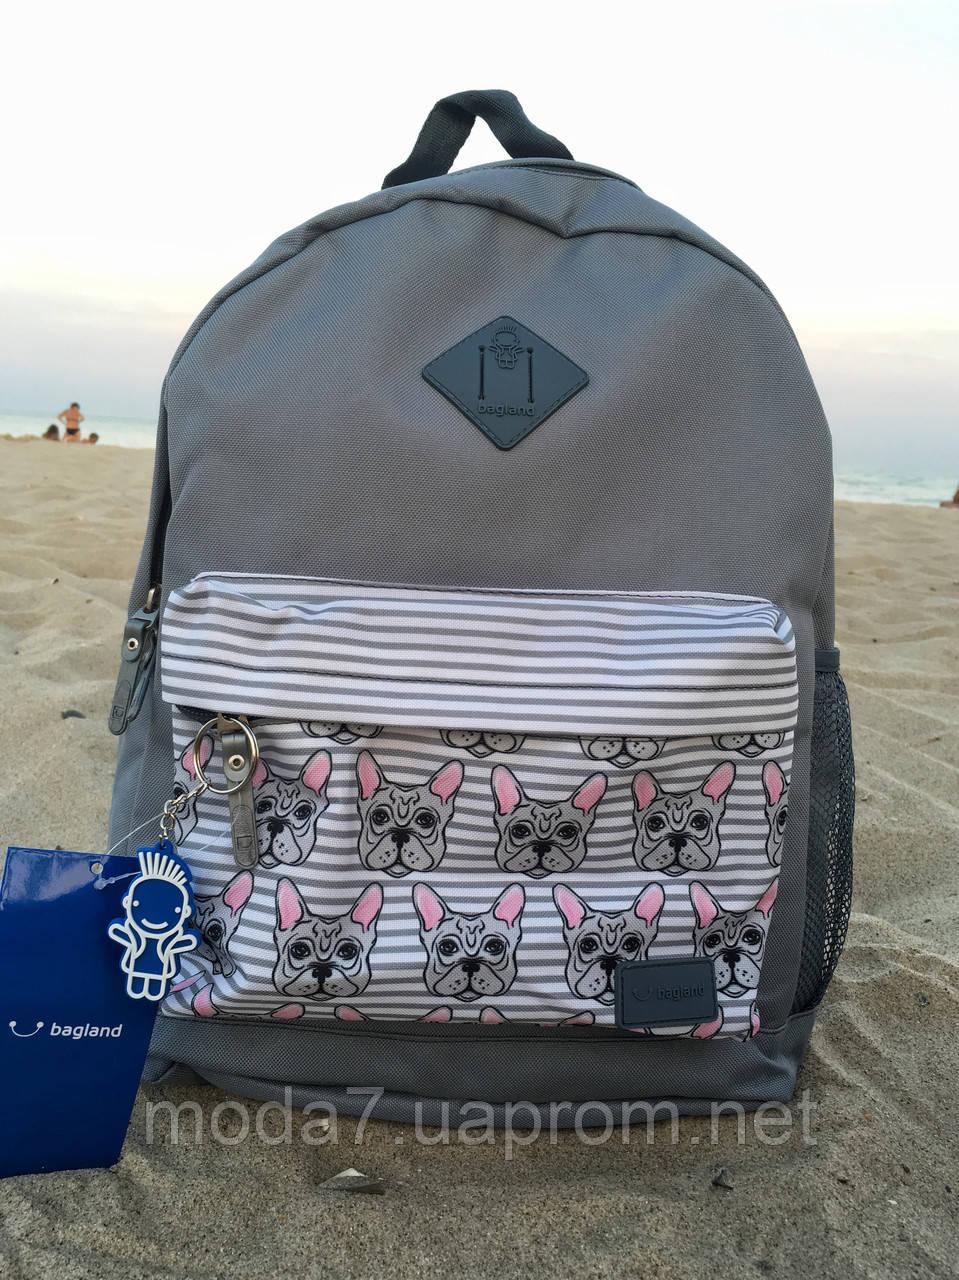 Женский рюкзак Bagland серый с собачкой